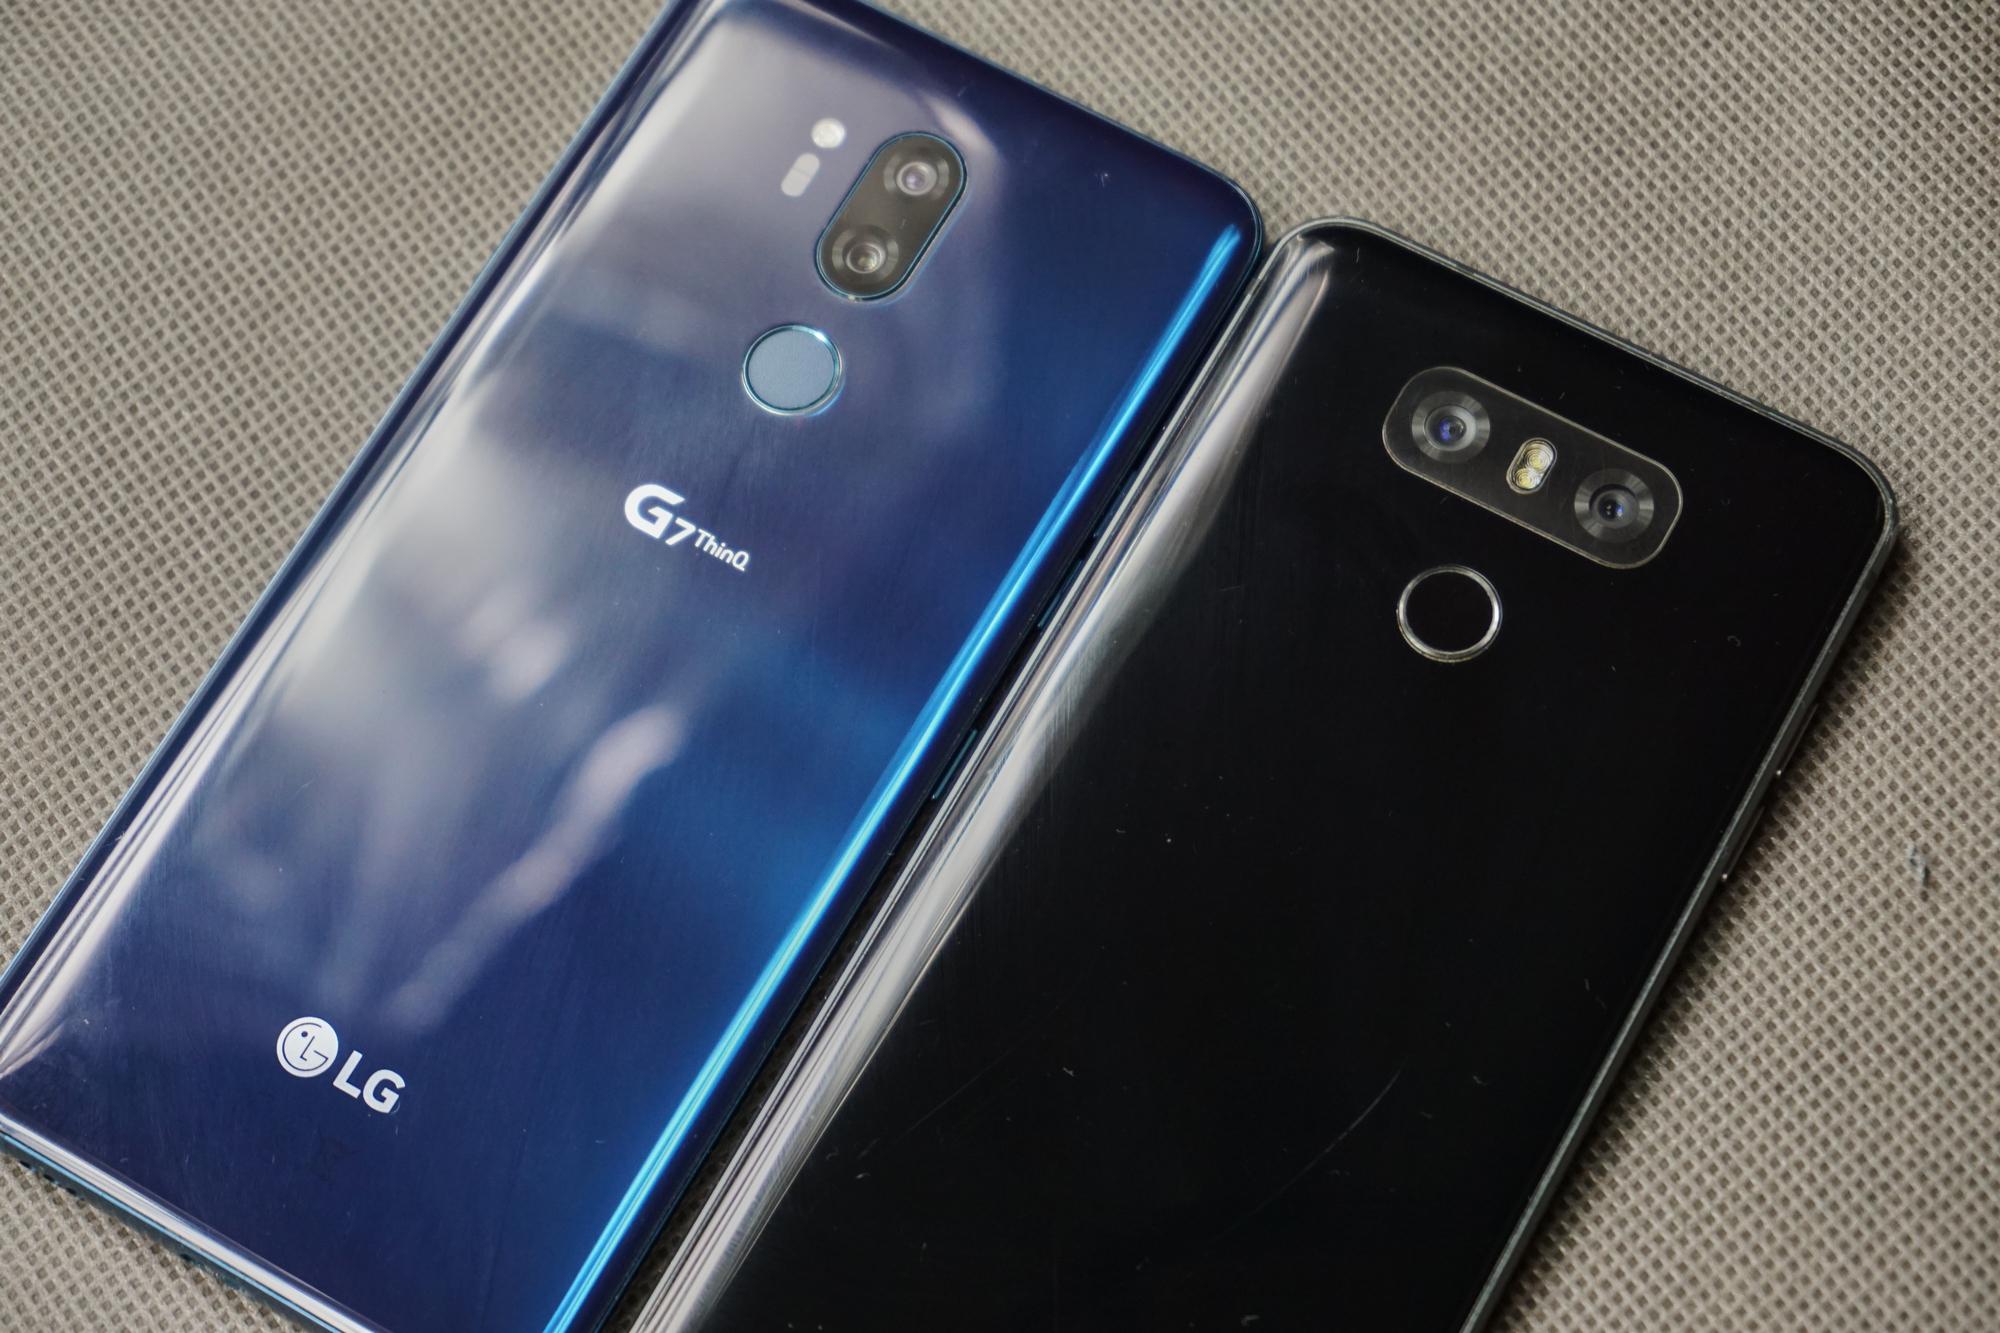 Czy warto kupić LG G7 ThinQ rok po premierze? Wrażenia po przesiadce z poprzednika 18 LG G7 ThinQ